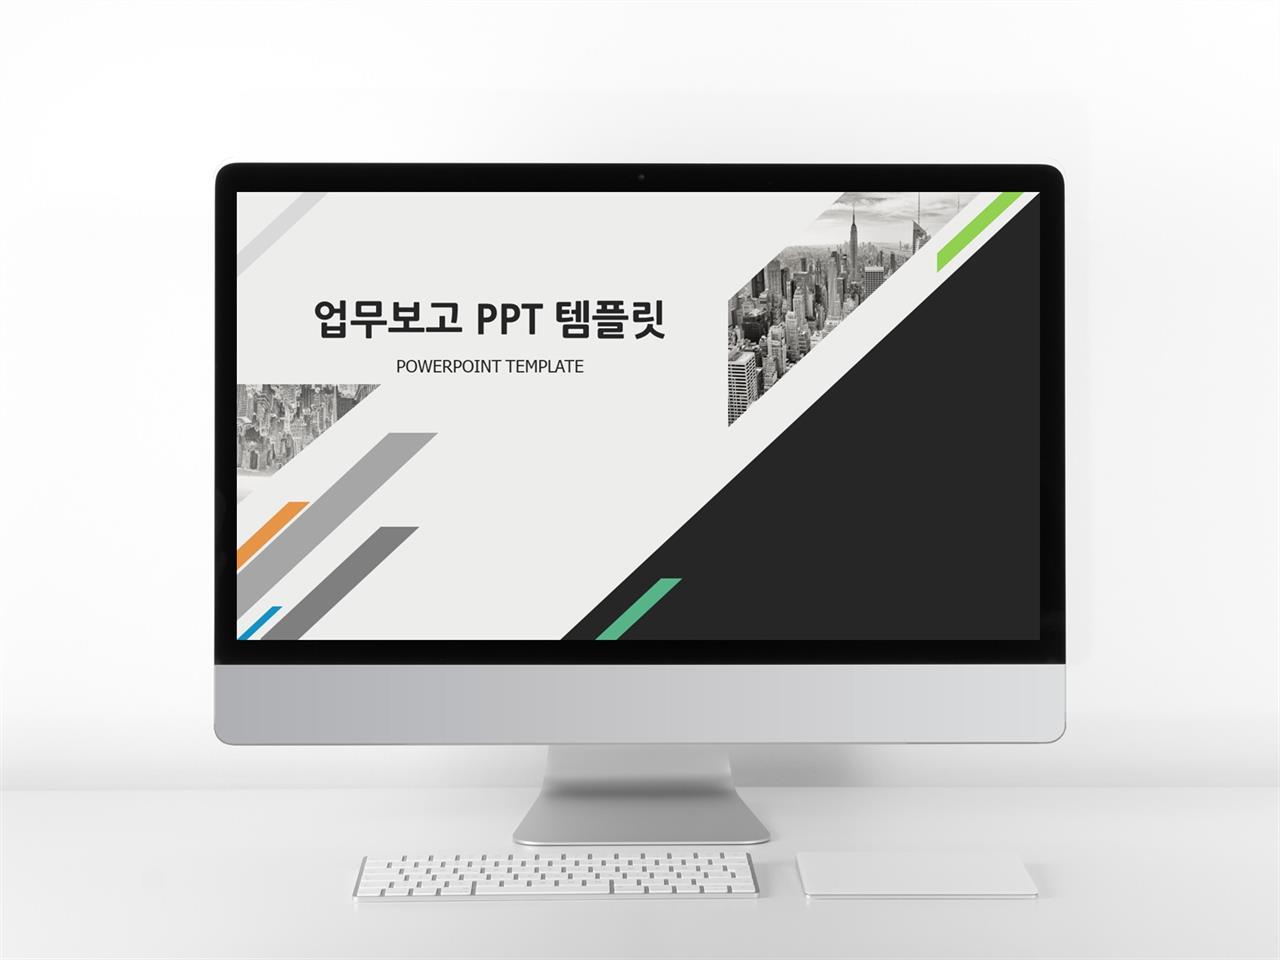 업무프로세스 회색 화려한 고퀄리티 POWERPOINT템플릿 제작 미리보기